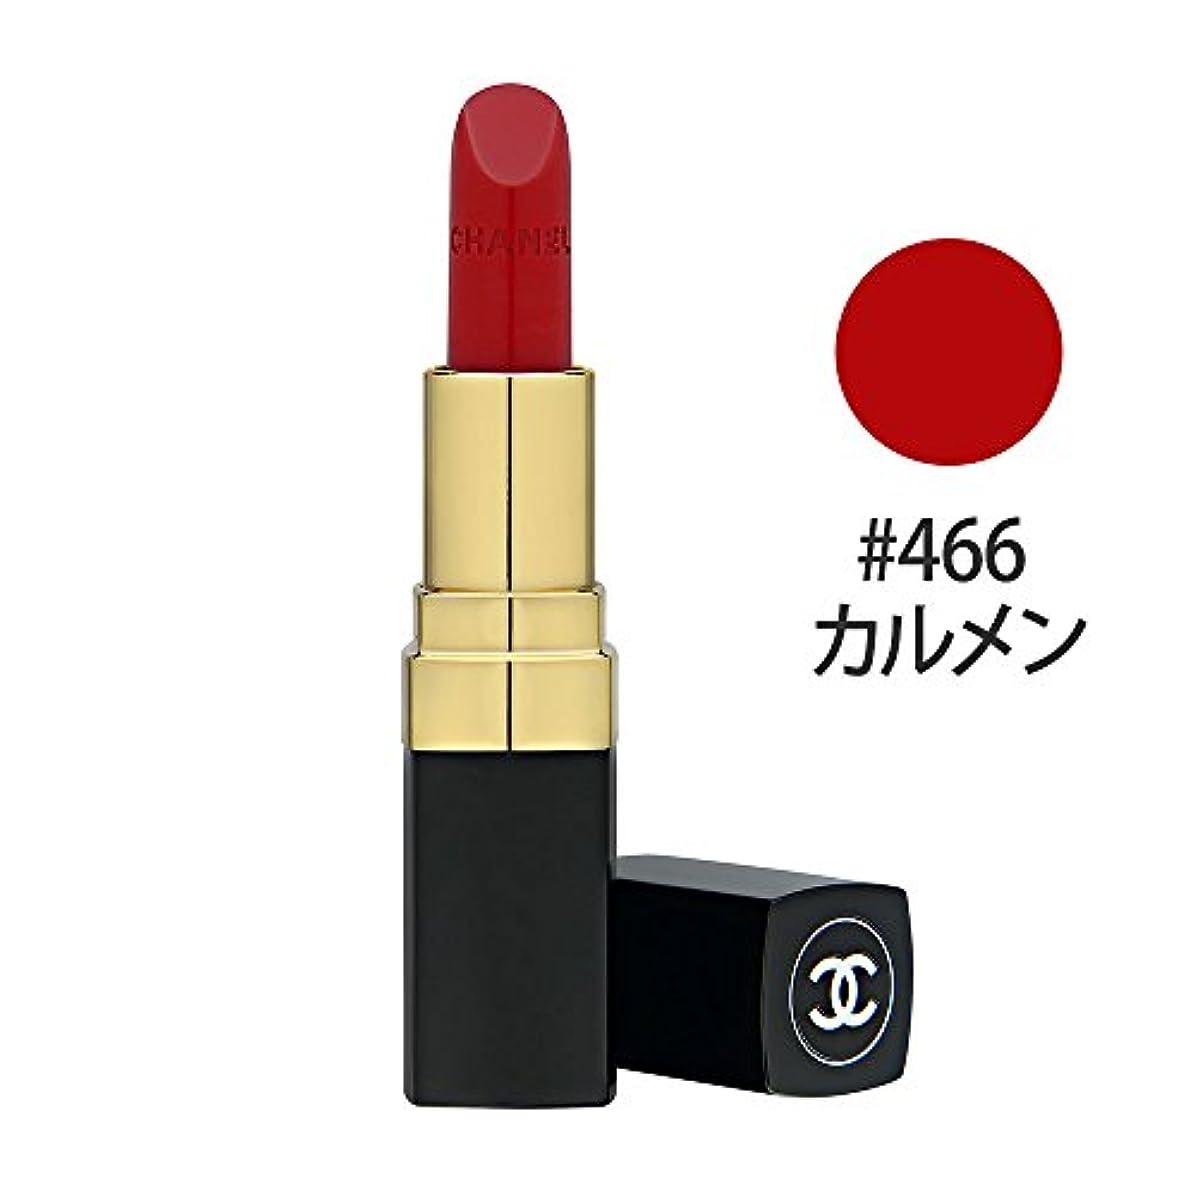 フレア成長する接地【シャネル】ルージュ ココ #466 カルメン 3.5g [並行輸入品]